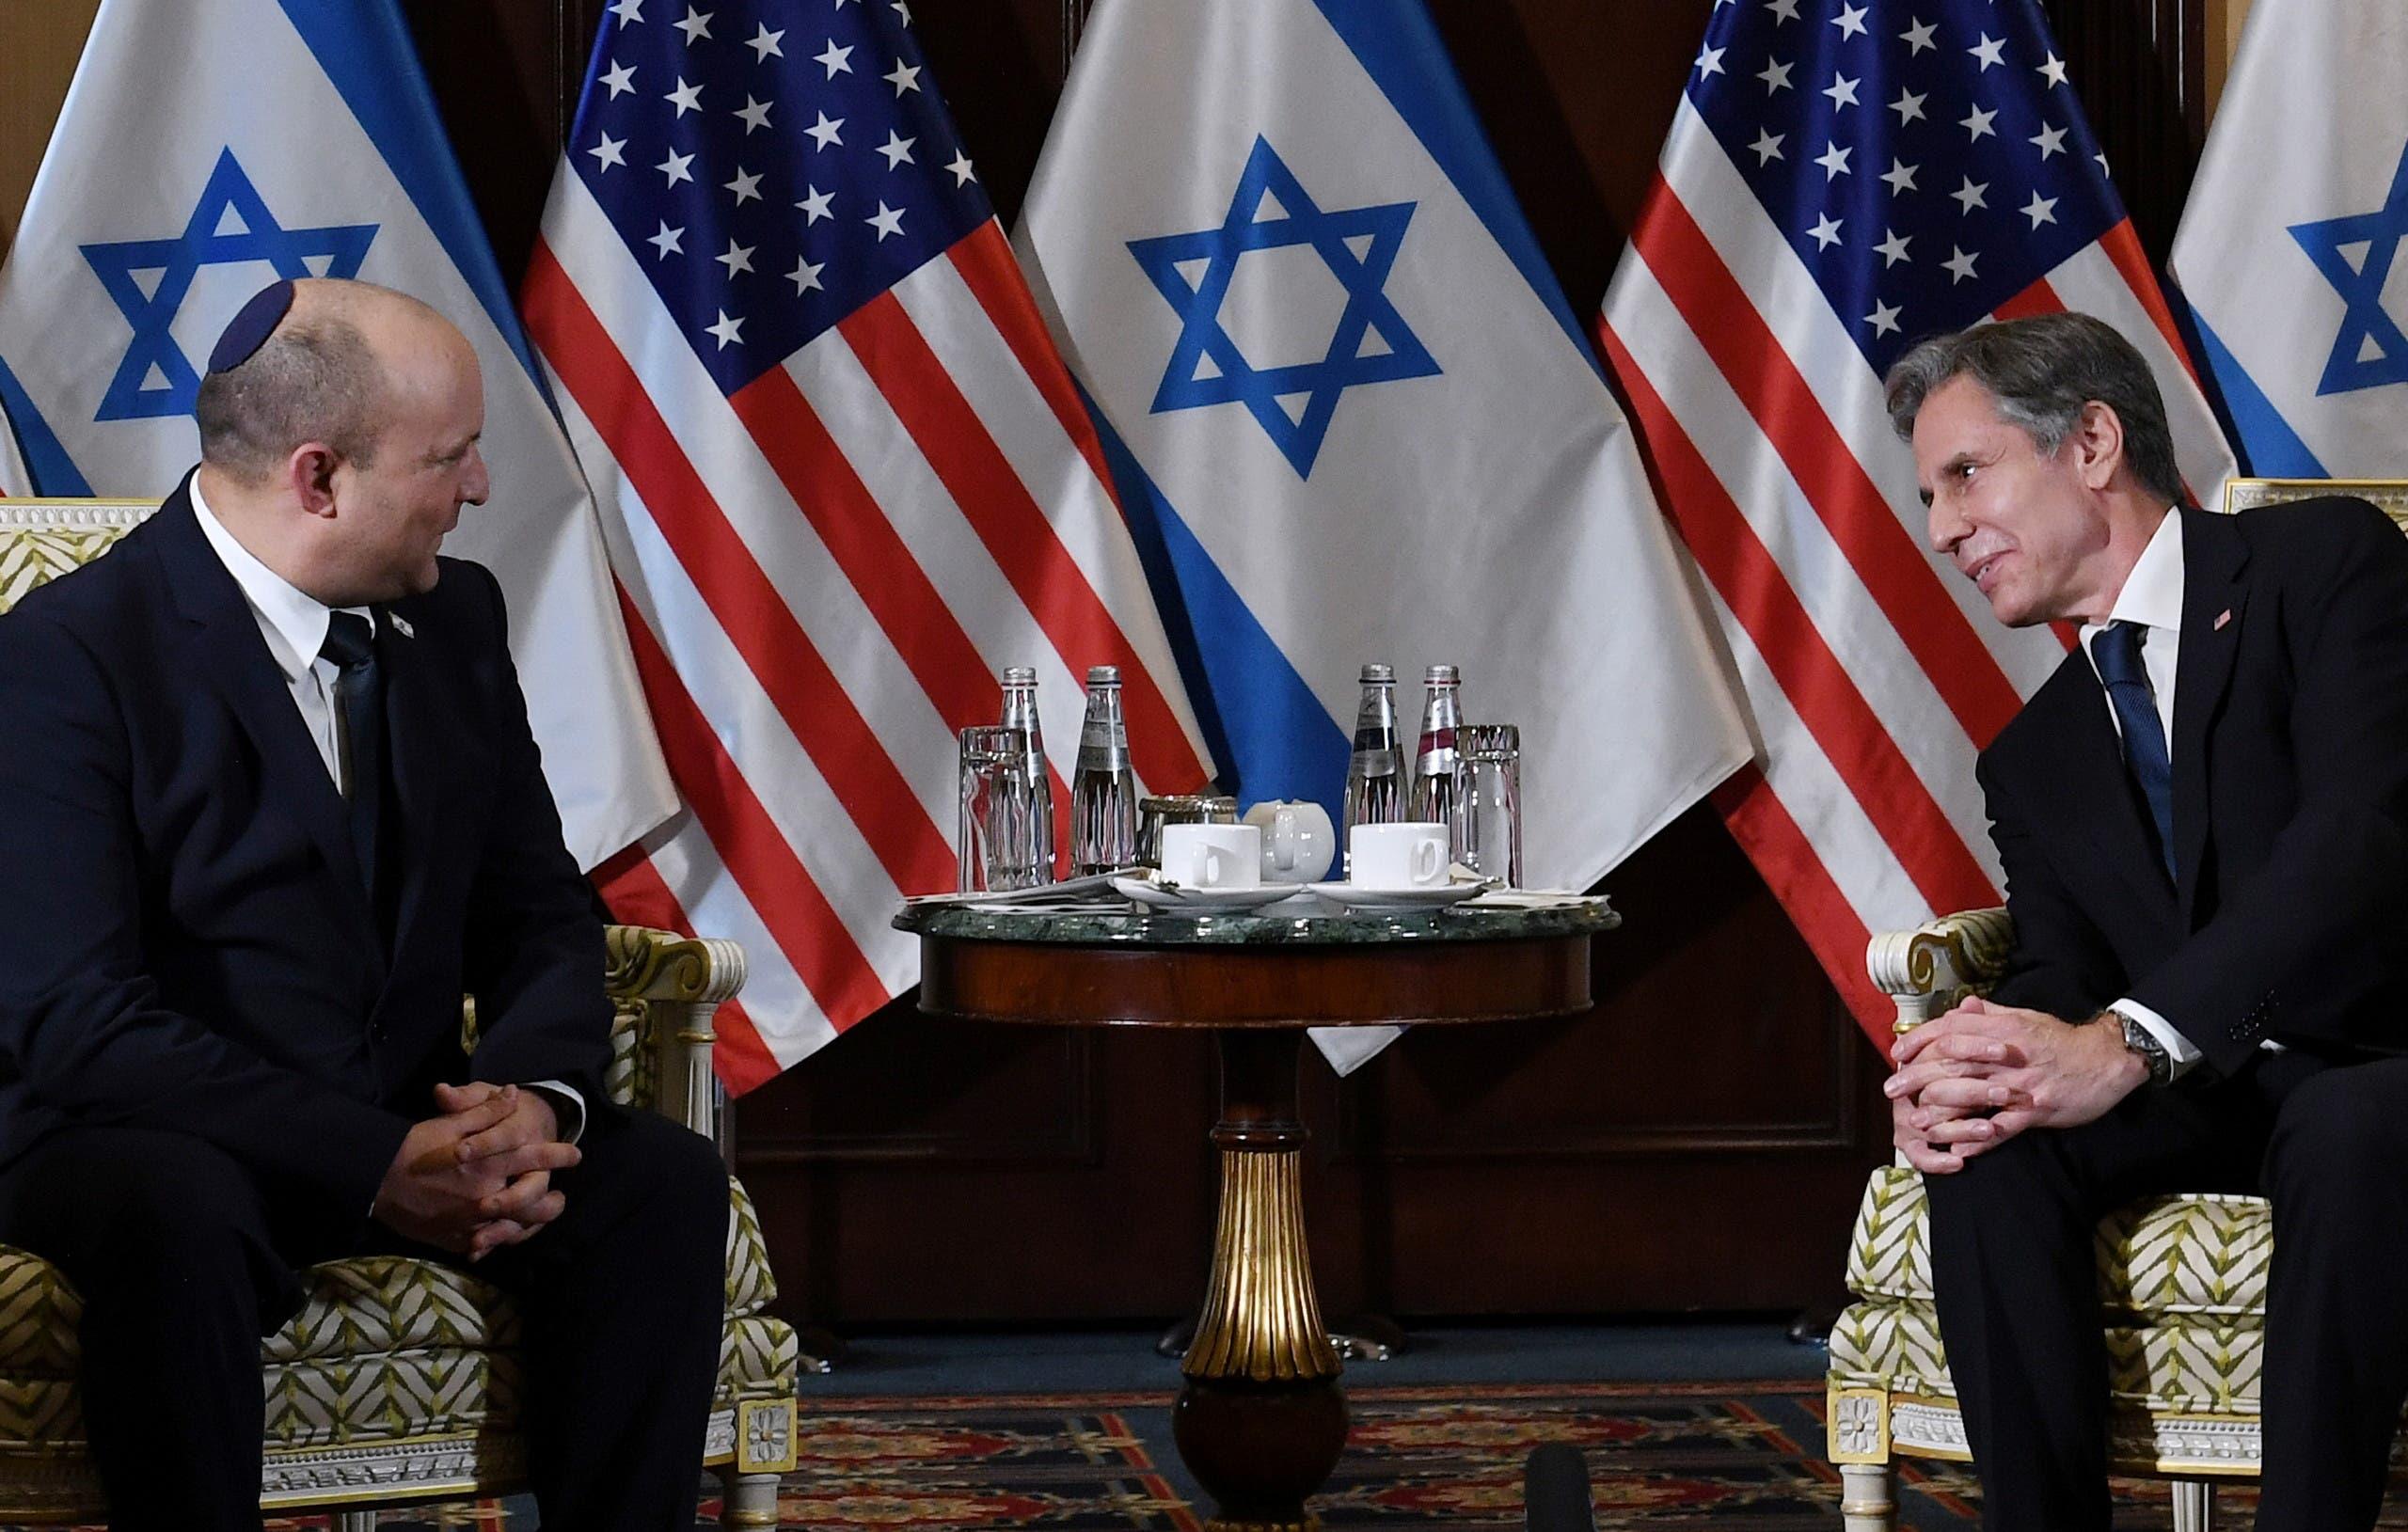 من لقاء بينيت ووزير الخارجية الأميركي أنتوني بلينكن